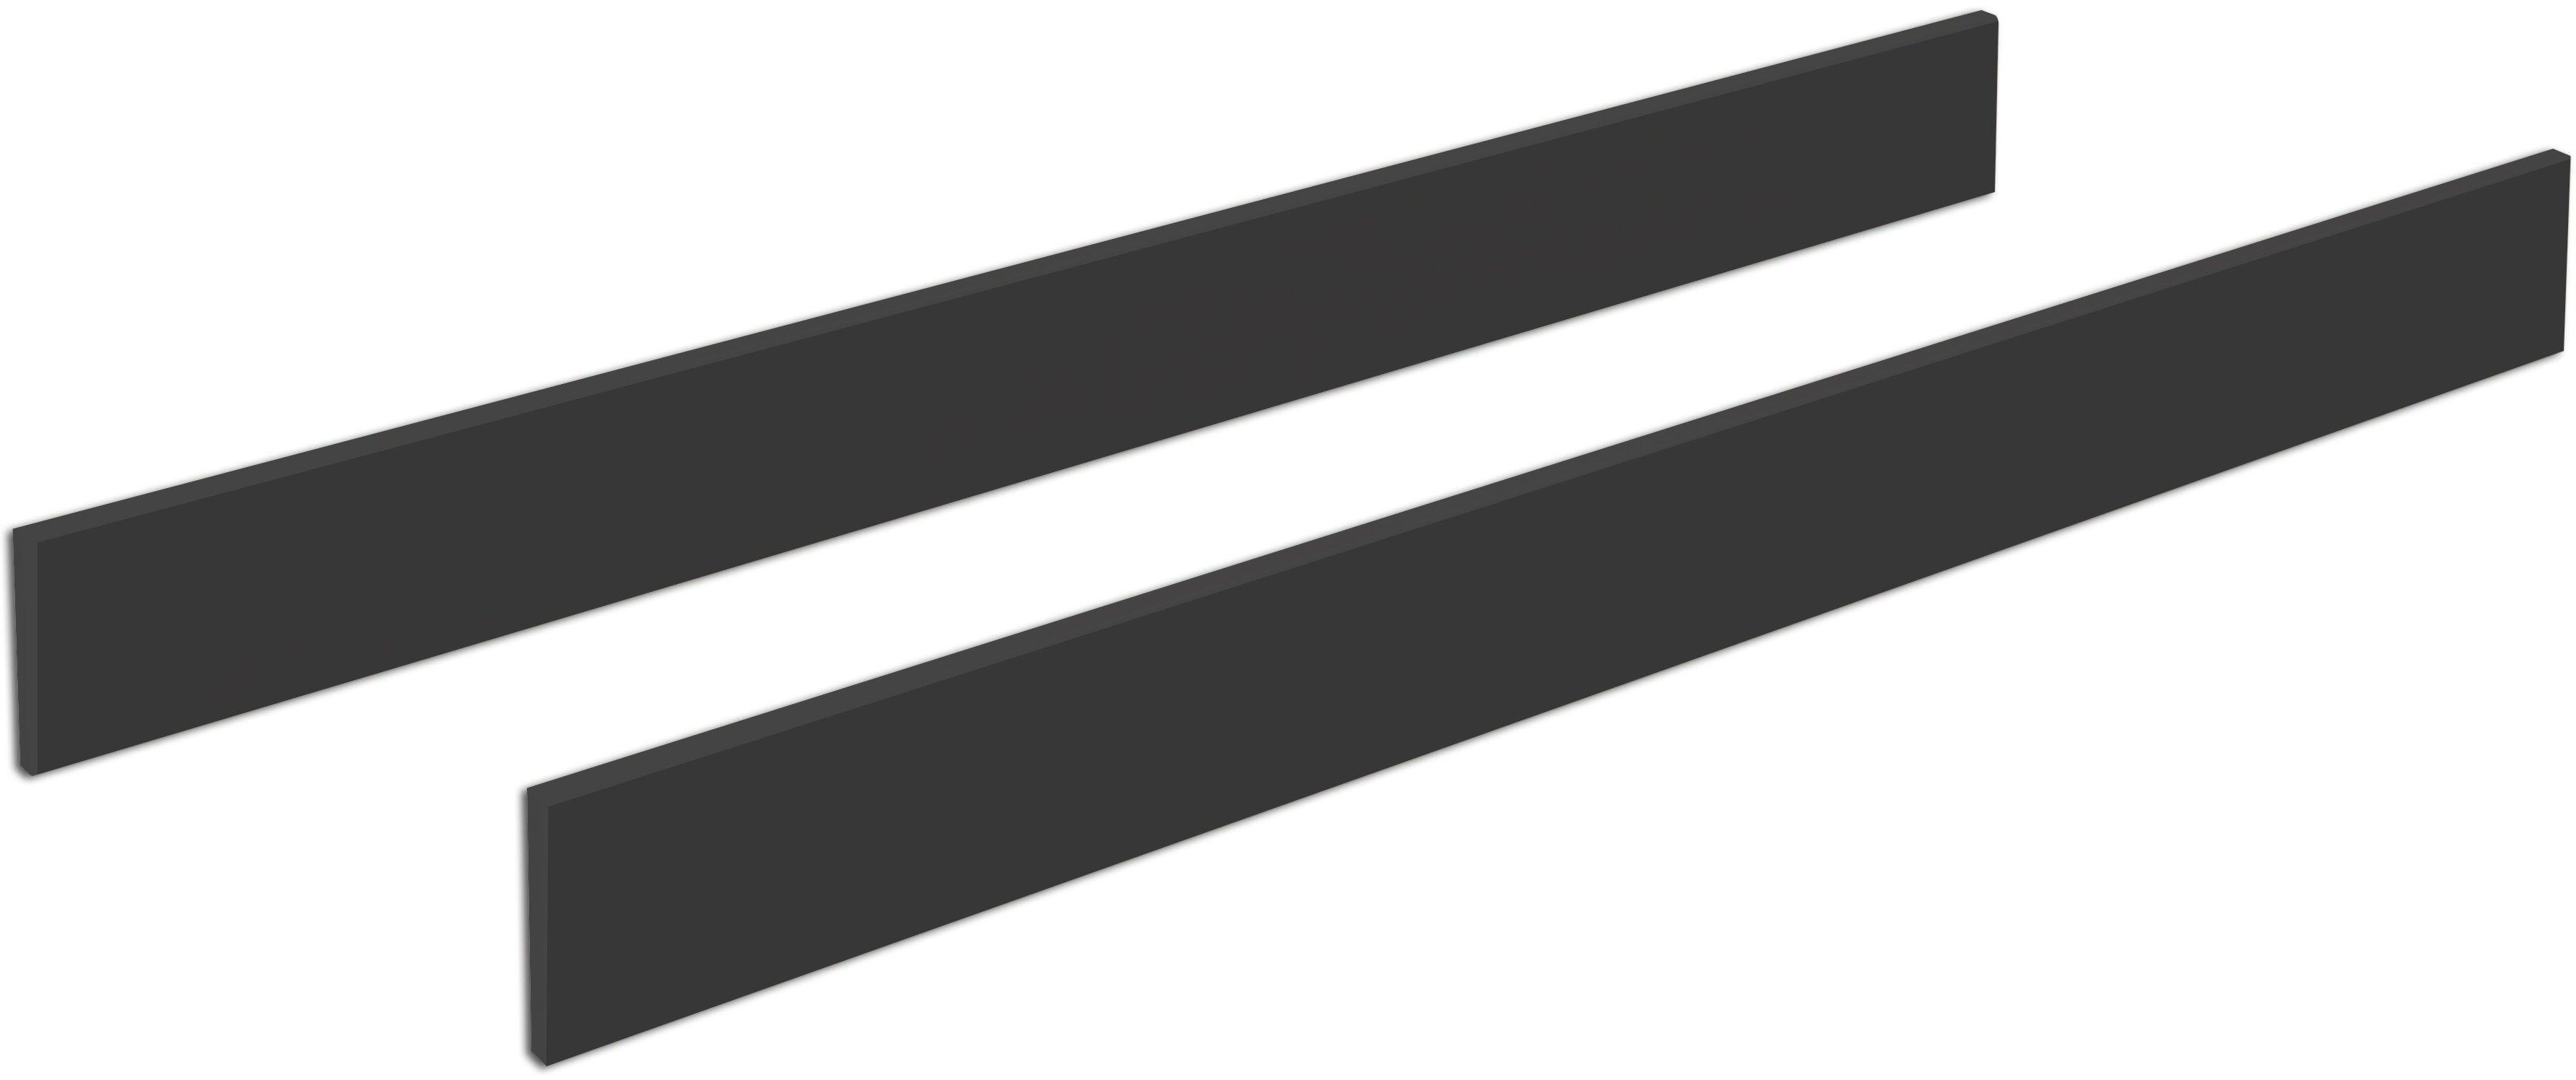 Schardt ombouwzijkanten Universal, schwarz (2 stuks) nu online bestellen